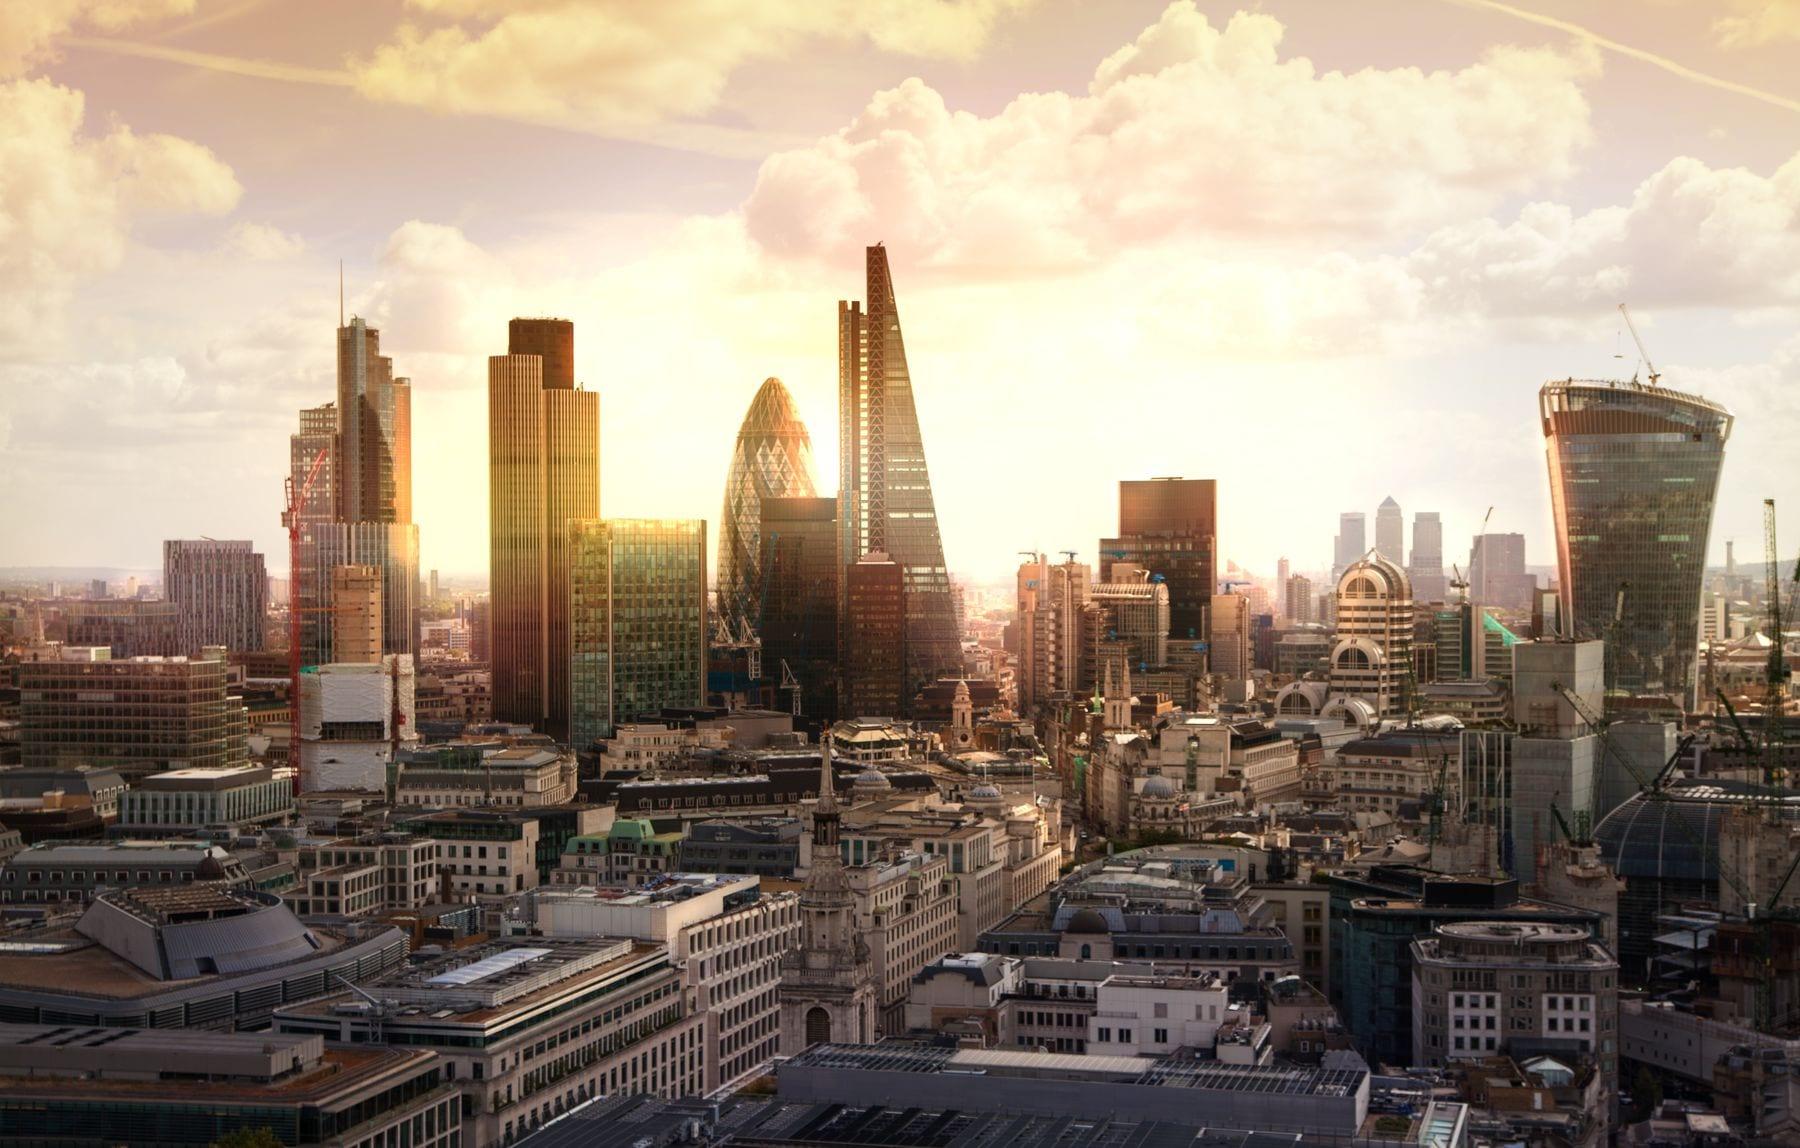 City_of_London_skyline